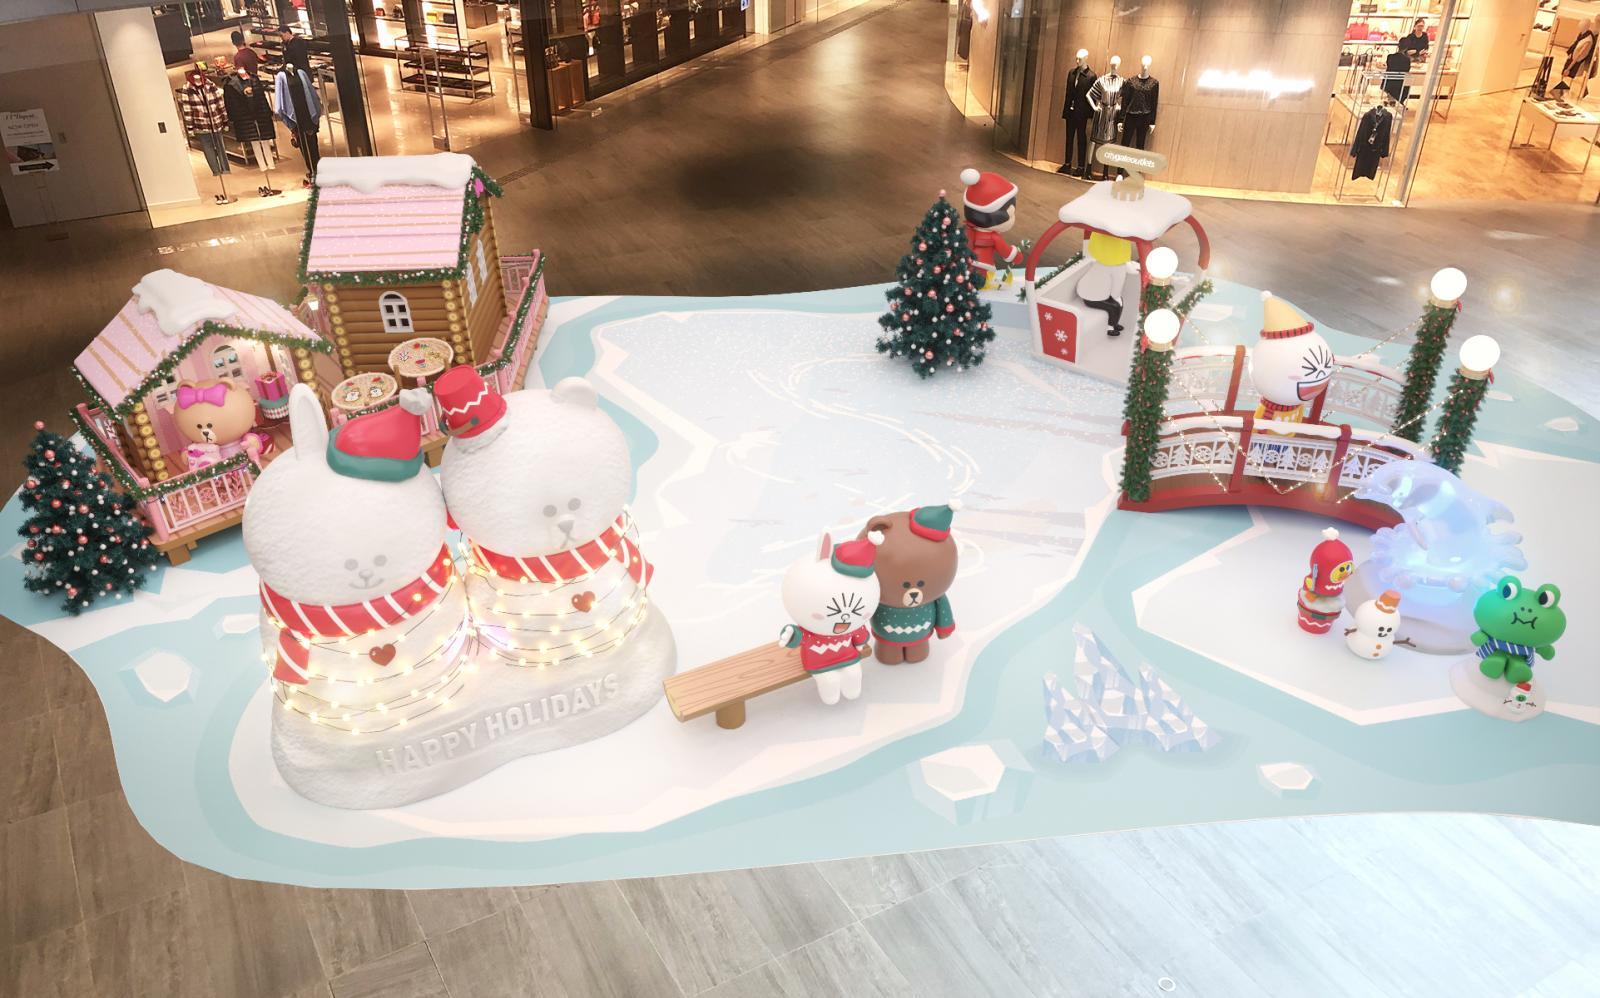 CHRISTMAS DECORATIONS AT NINA MALL